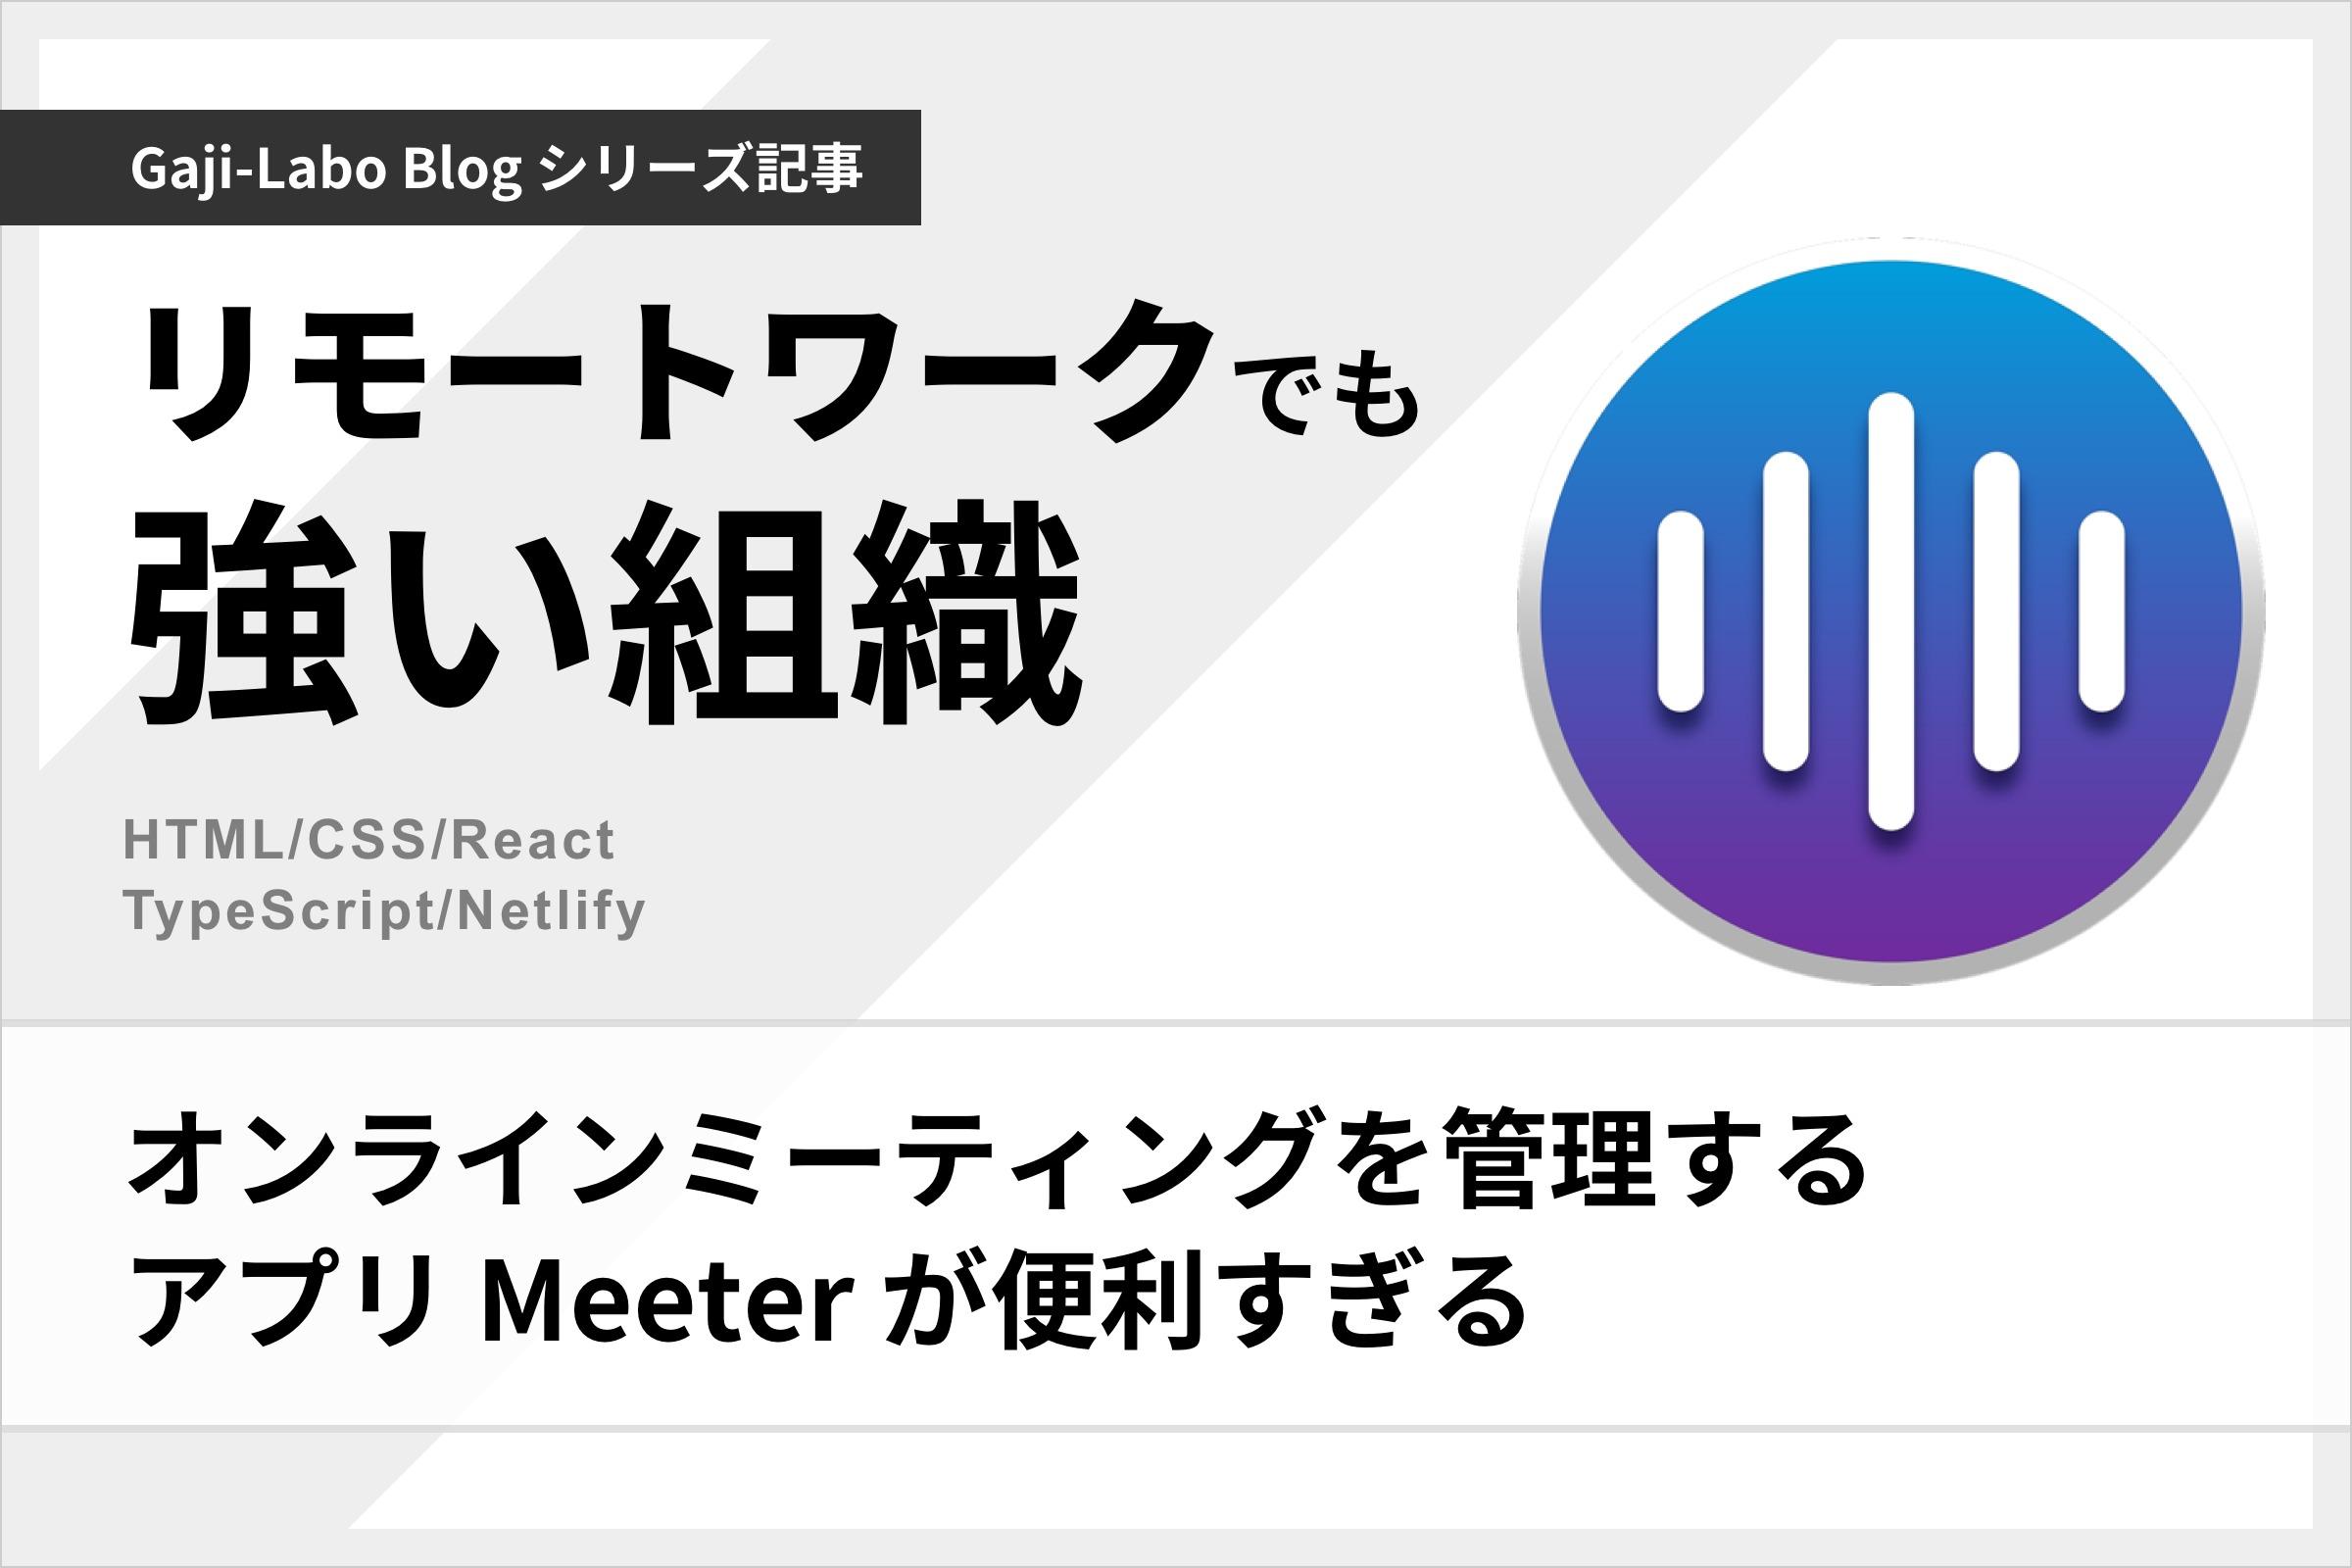 アイキャッチ画像:オンラインミーティングを管理するアプリMeeterが便利すぎる